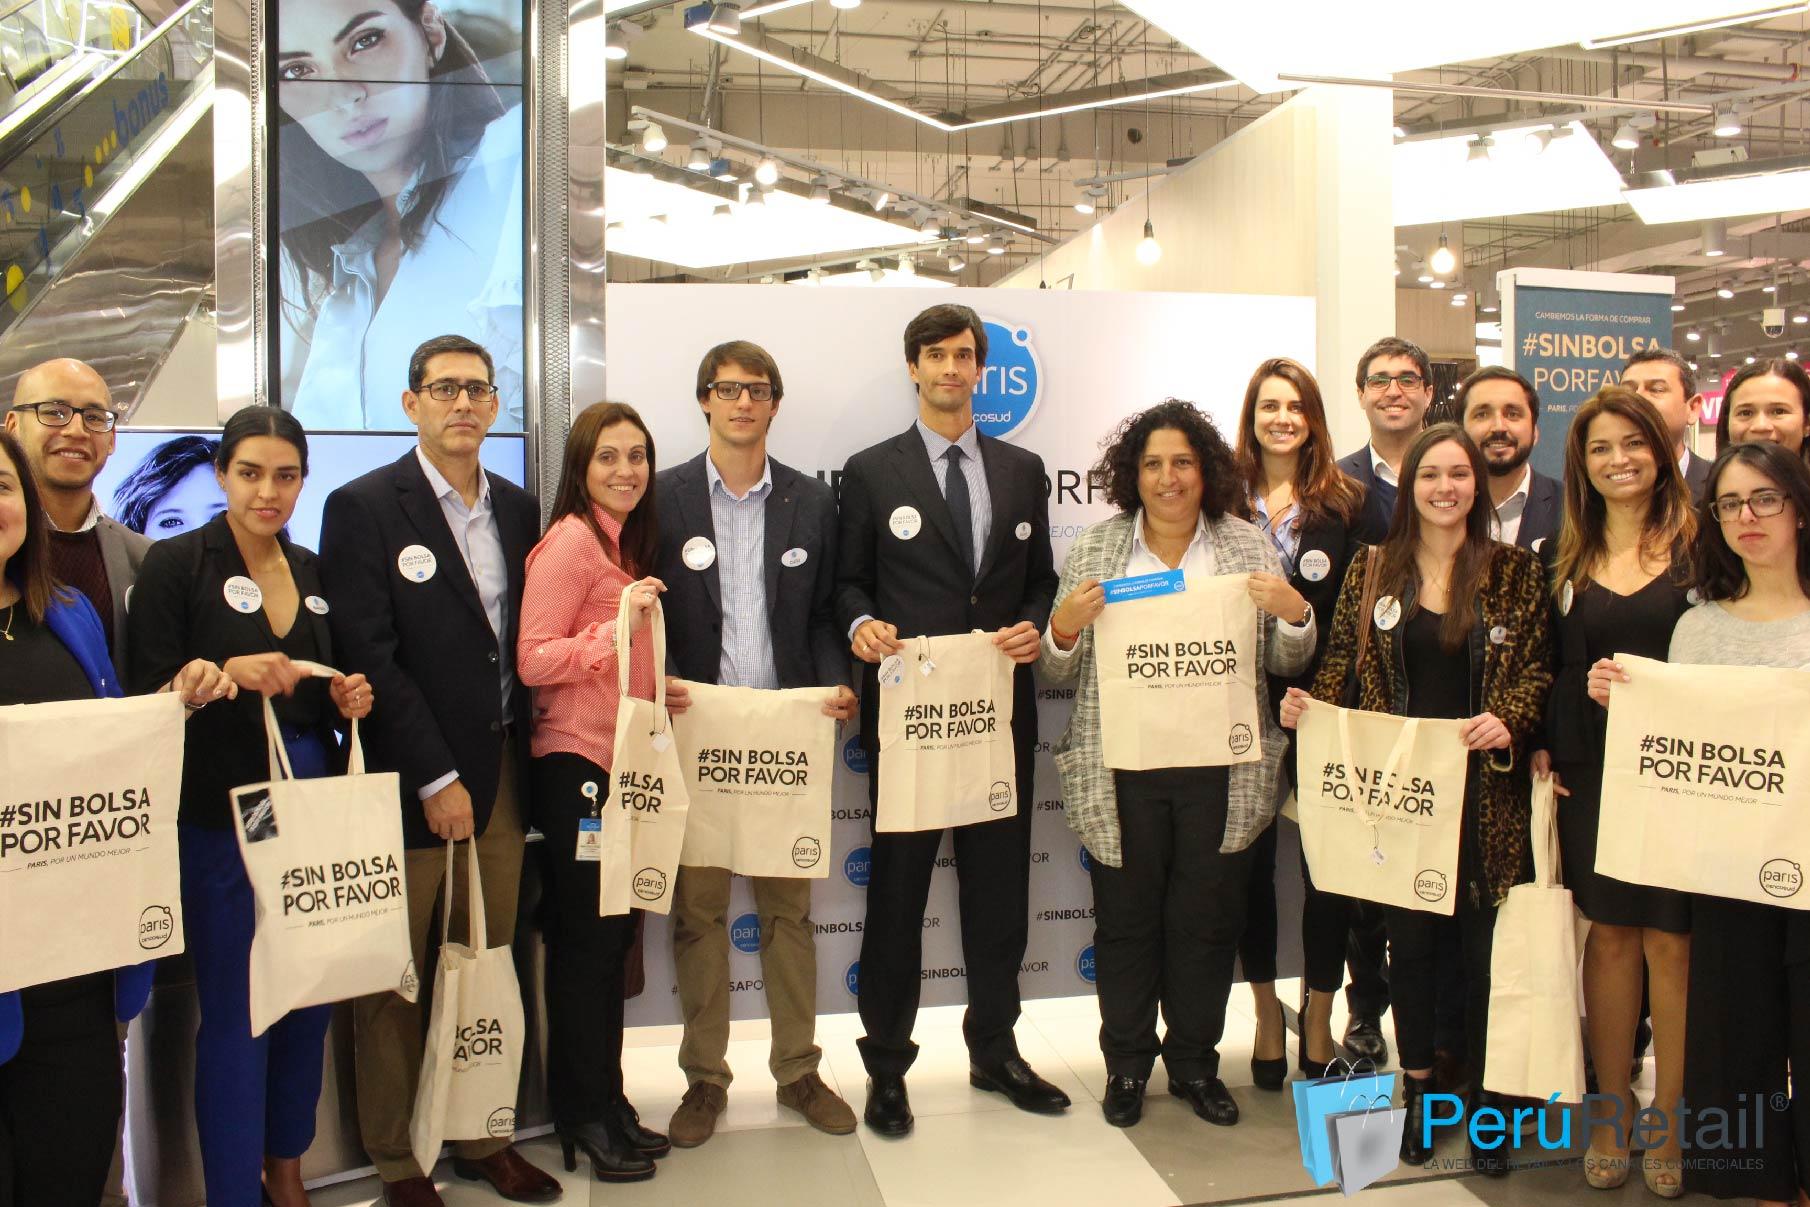 PARIS - Paris presenta proyecto para reducir en 40% el uso de bolsas plásticas